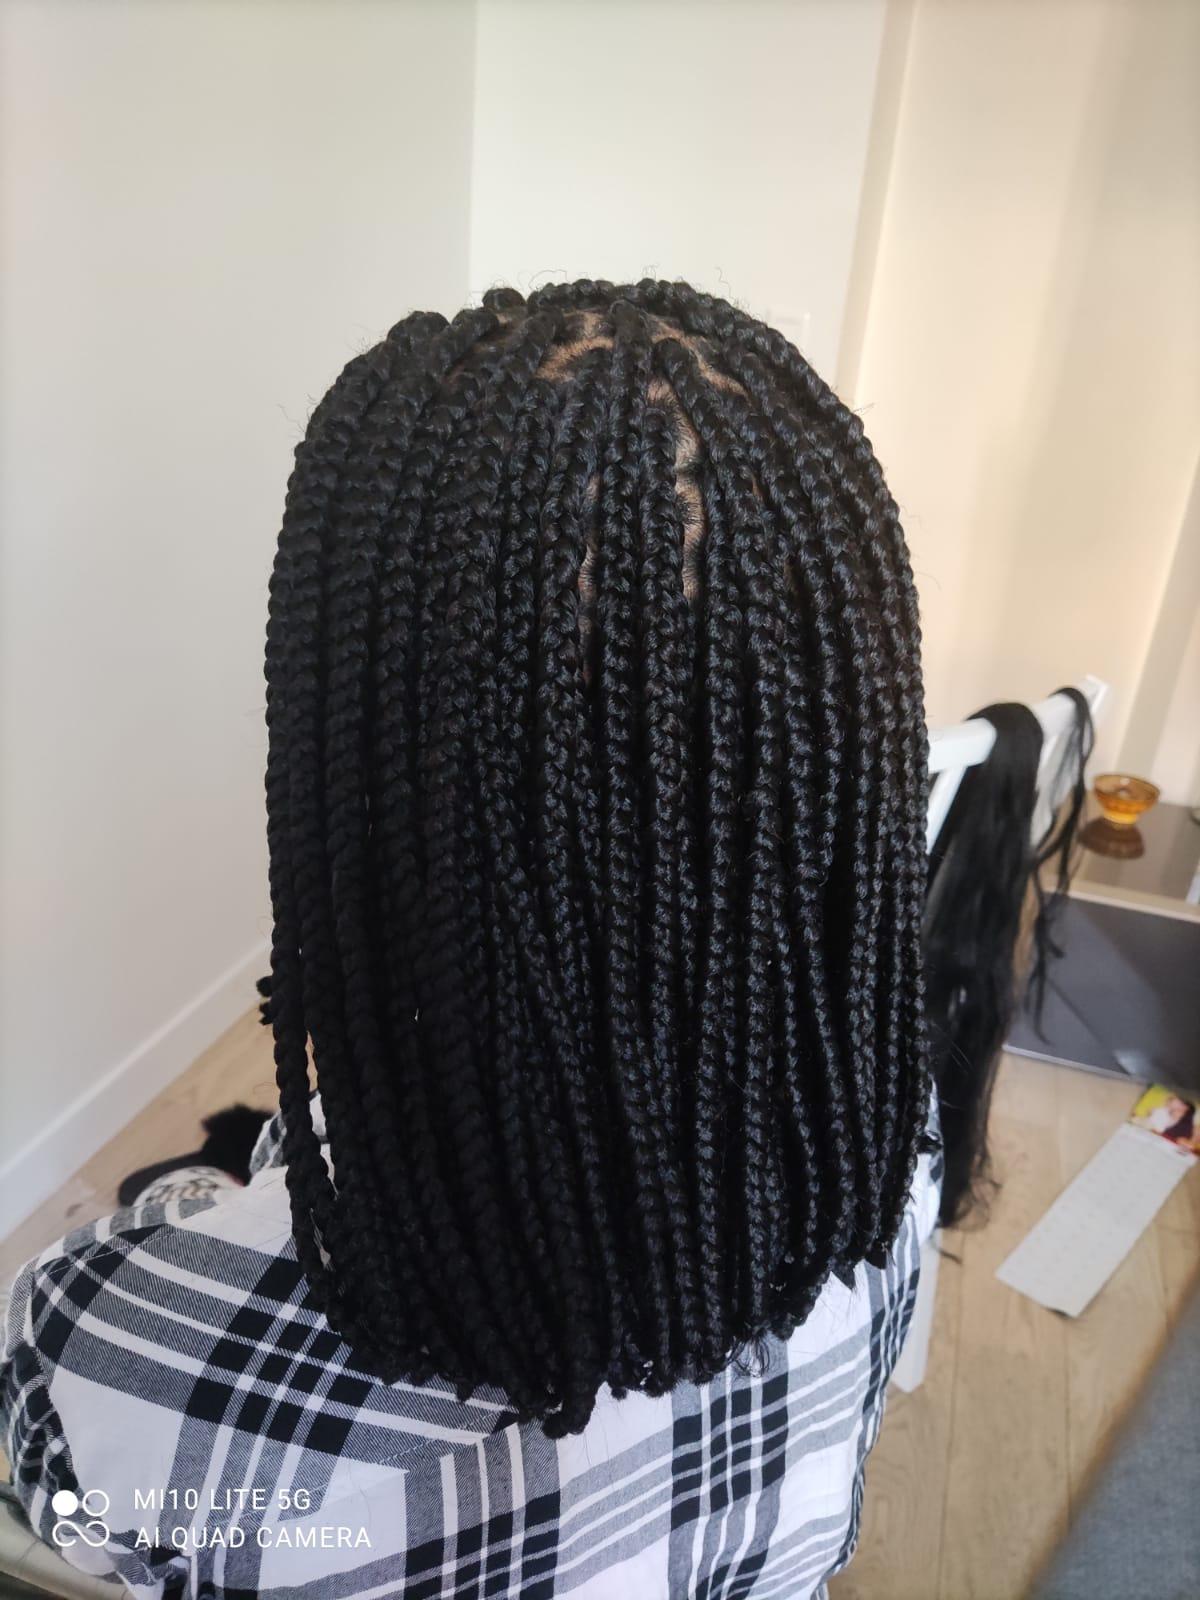 salon de coiffure afro tresse tresses box braids crochet braids vanilles tissages paris 75 77 78 91 92 93 94 95 GVLQANIR